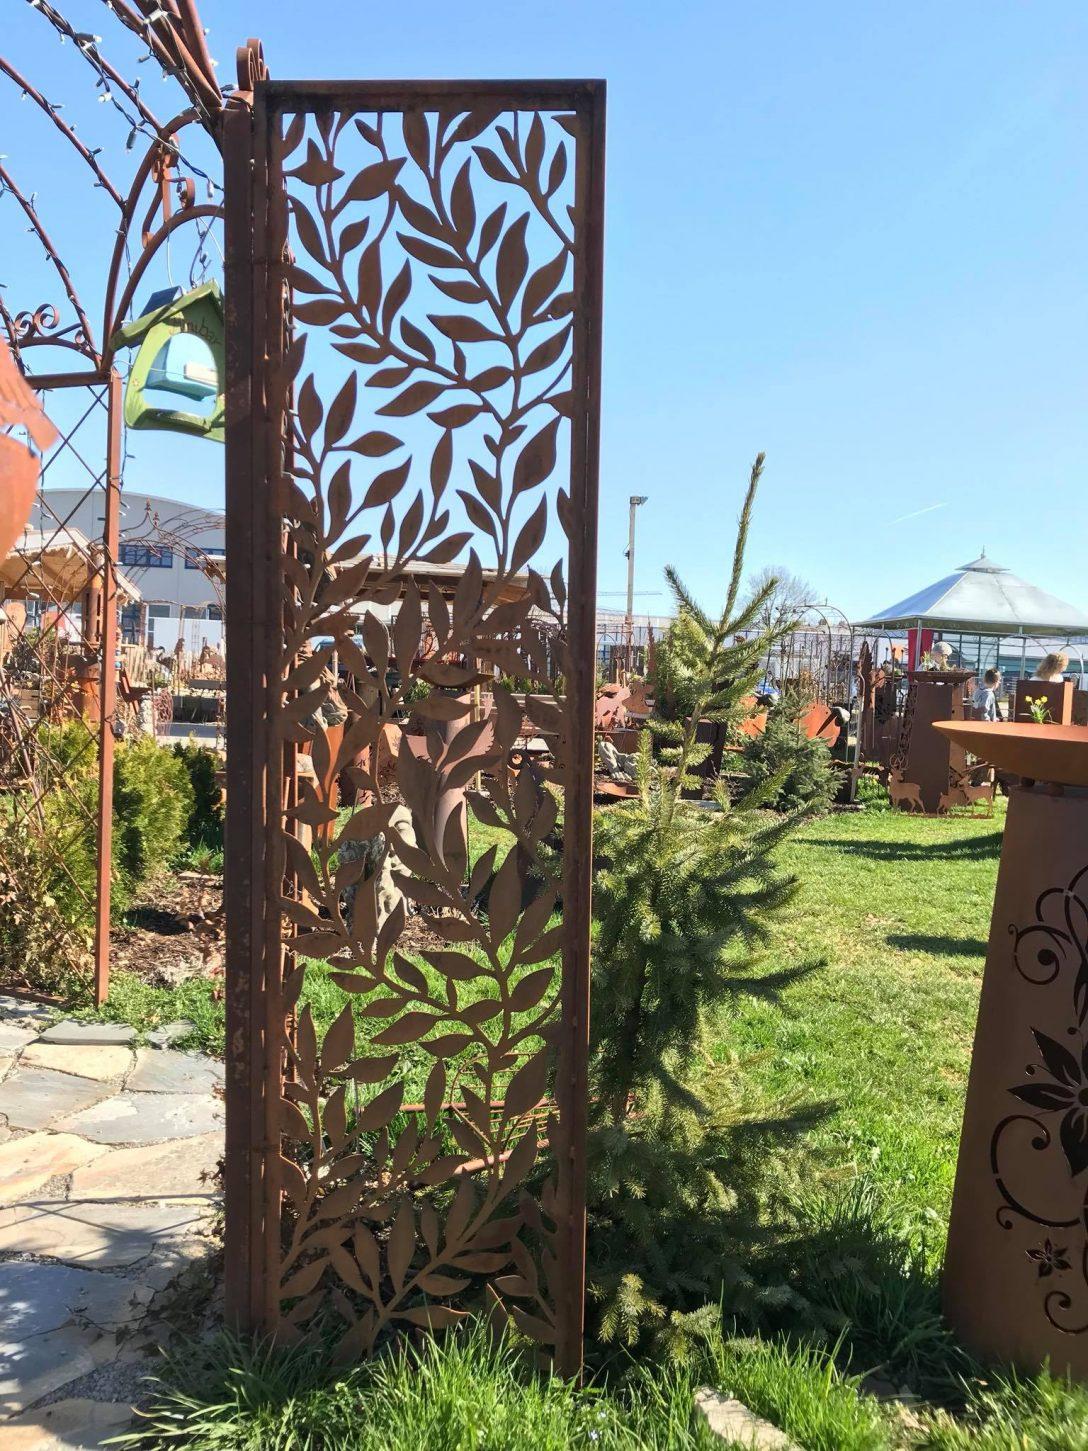 Large Size of Sichtschutz Garten Metall Holz Trennwand Obi Wpc Bauhaus Glas Kaufen Wie Werden Edelrost Paravents Aus Befestigt Ausziehtisch Pavillon Zaun Klapptisch Garten Trennwand Garten